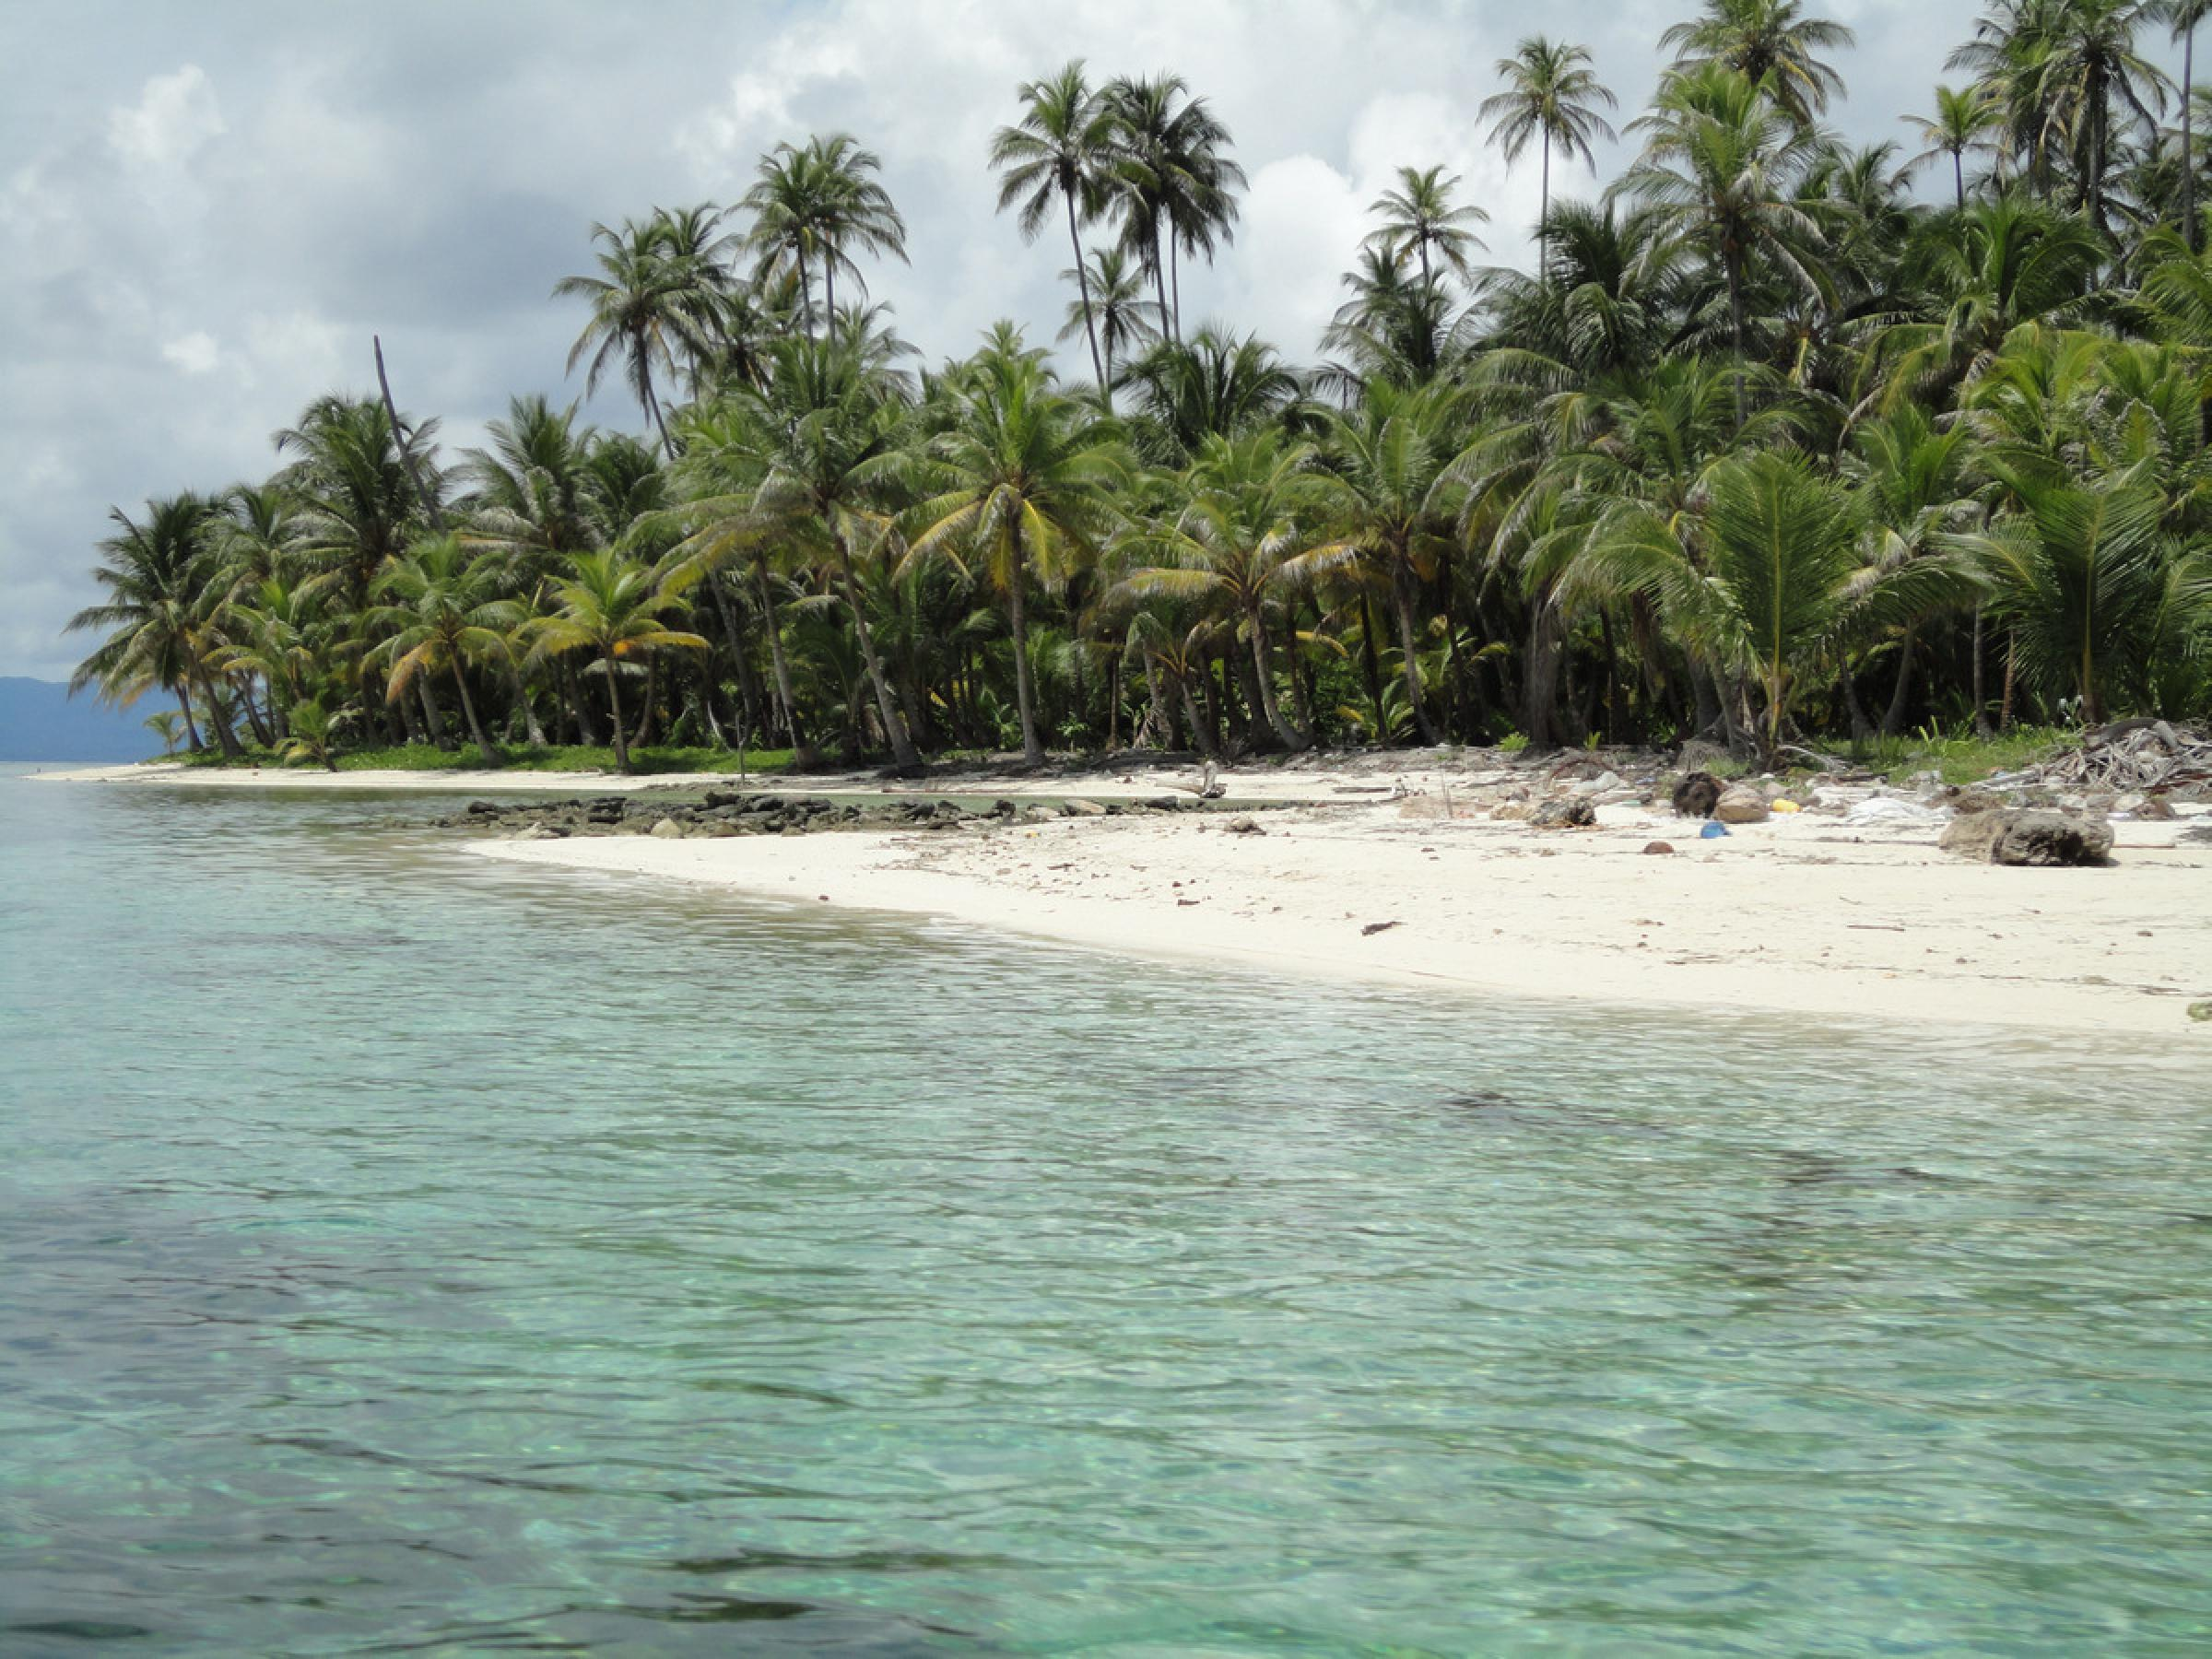 Uaguitupo Island